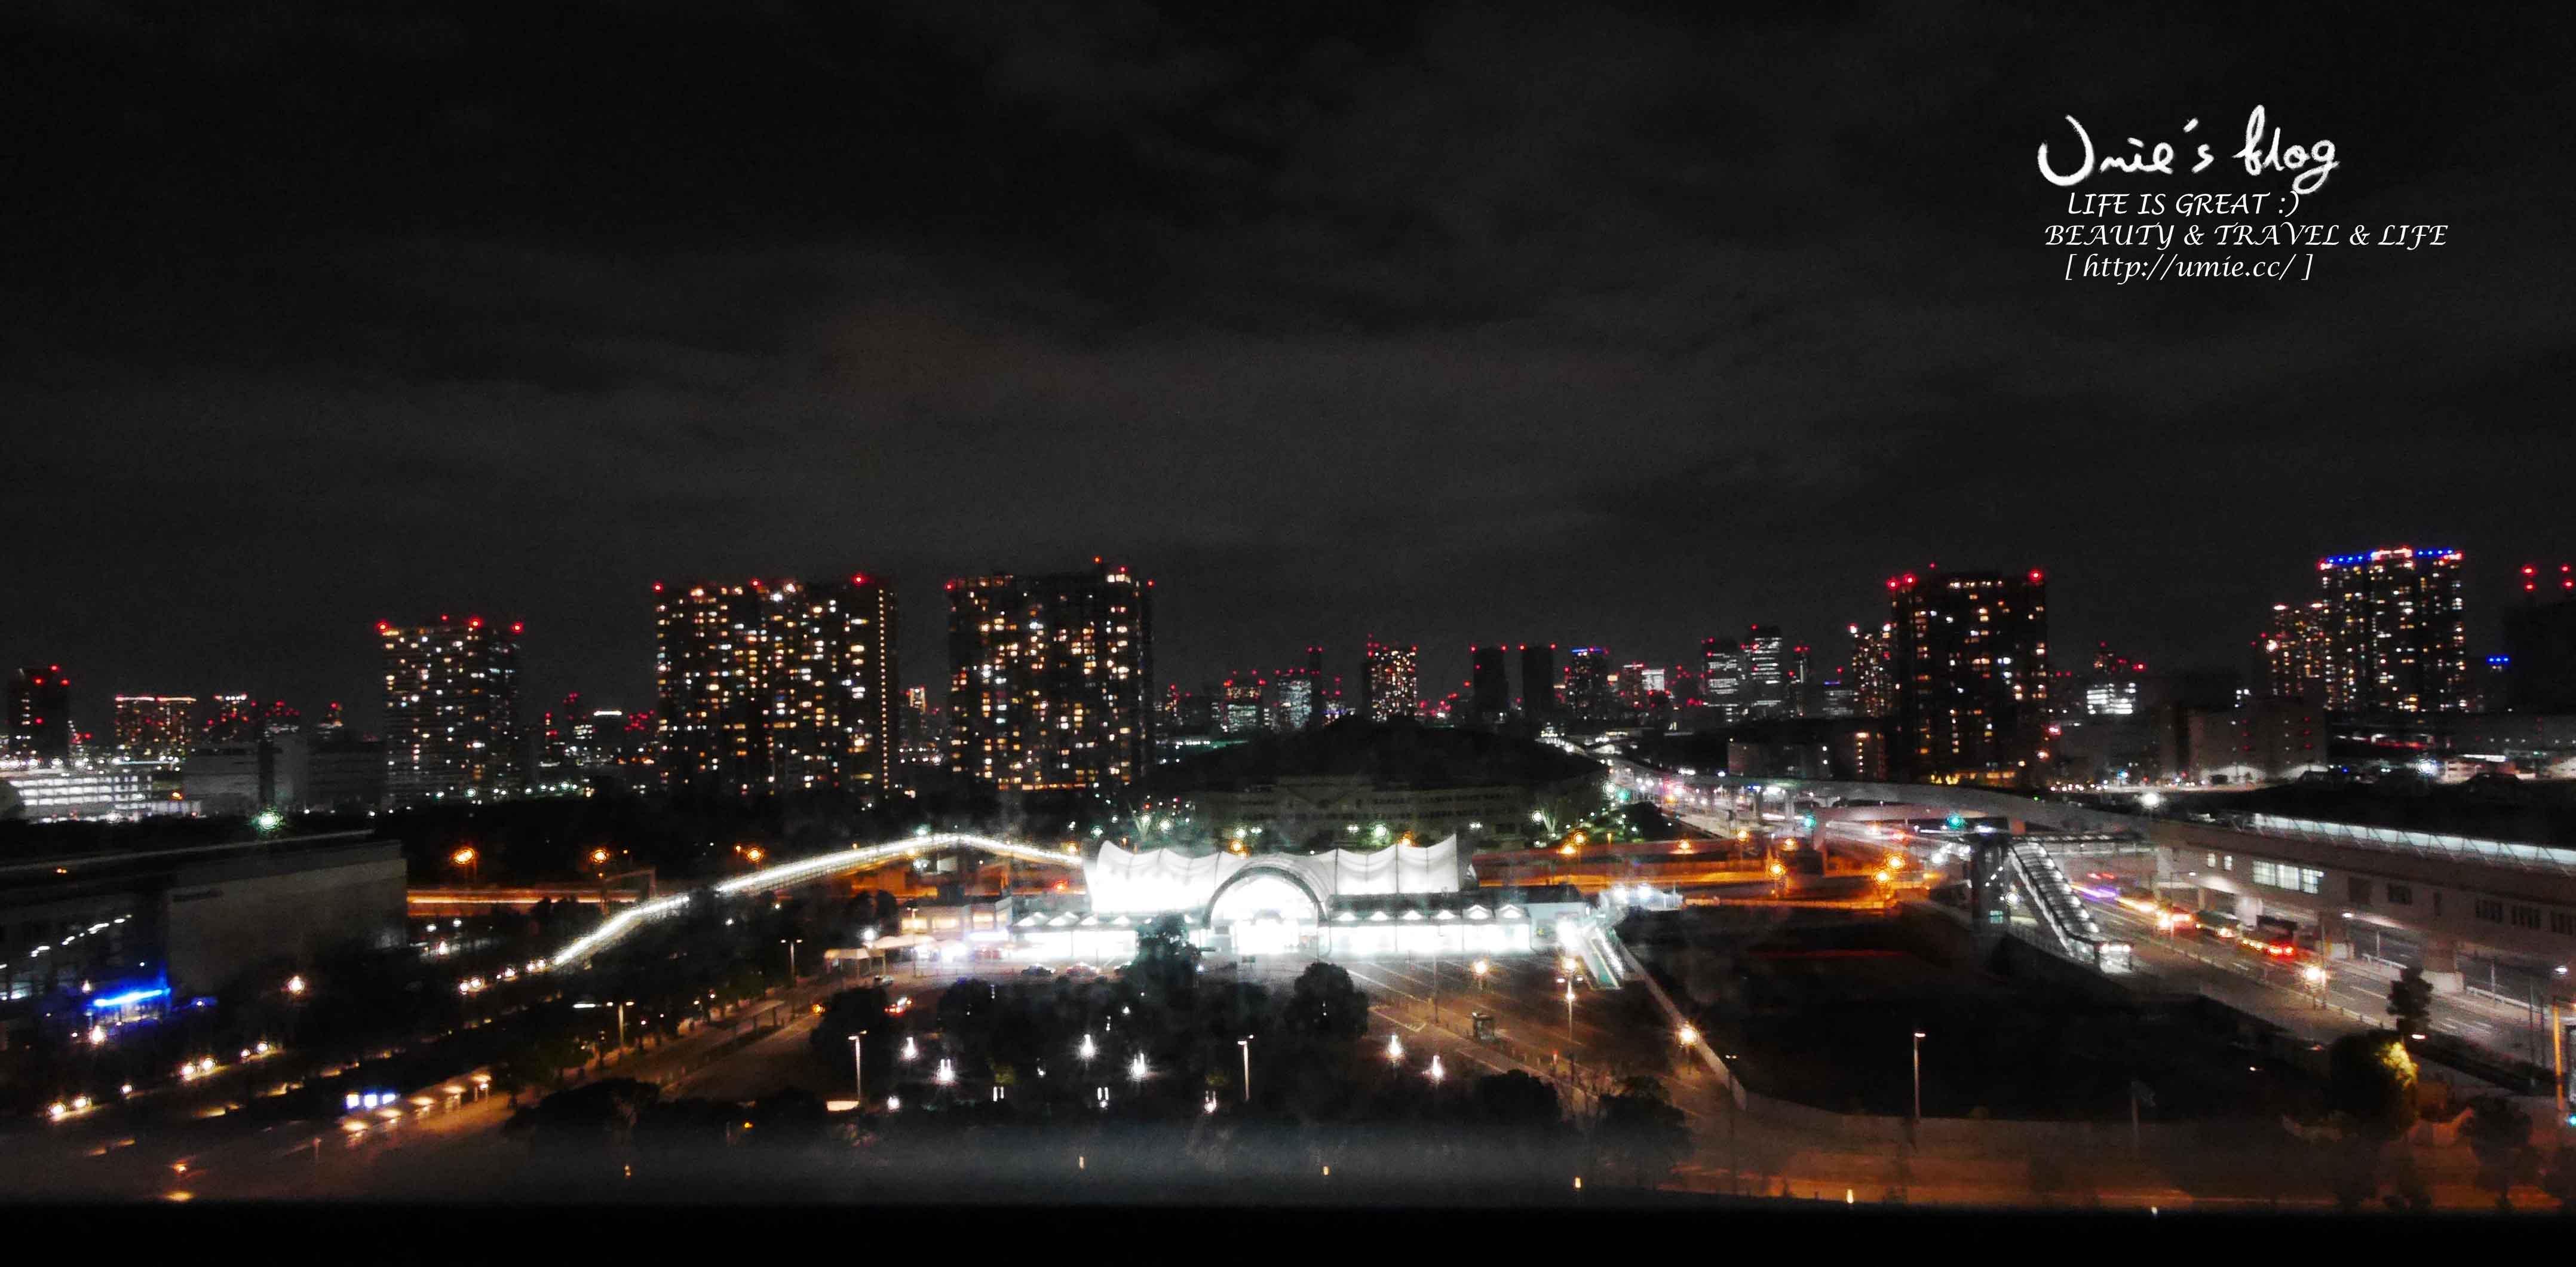 東京住宿推薦 近台場、迪士尼、東京Big sight、wifi、早餐好吃!東京灣華盛頓酒店 Washington Inn hotel